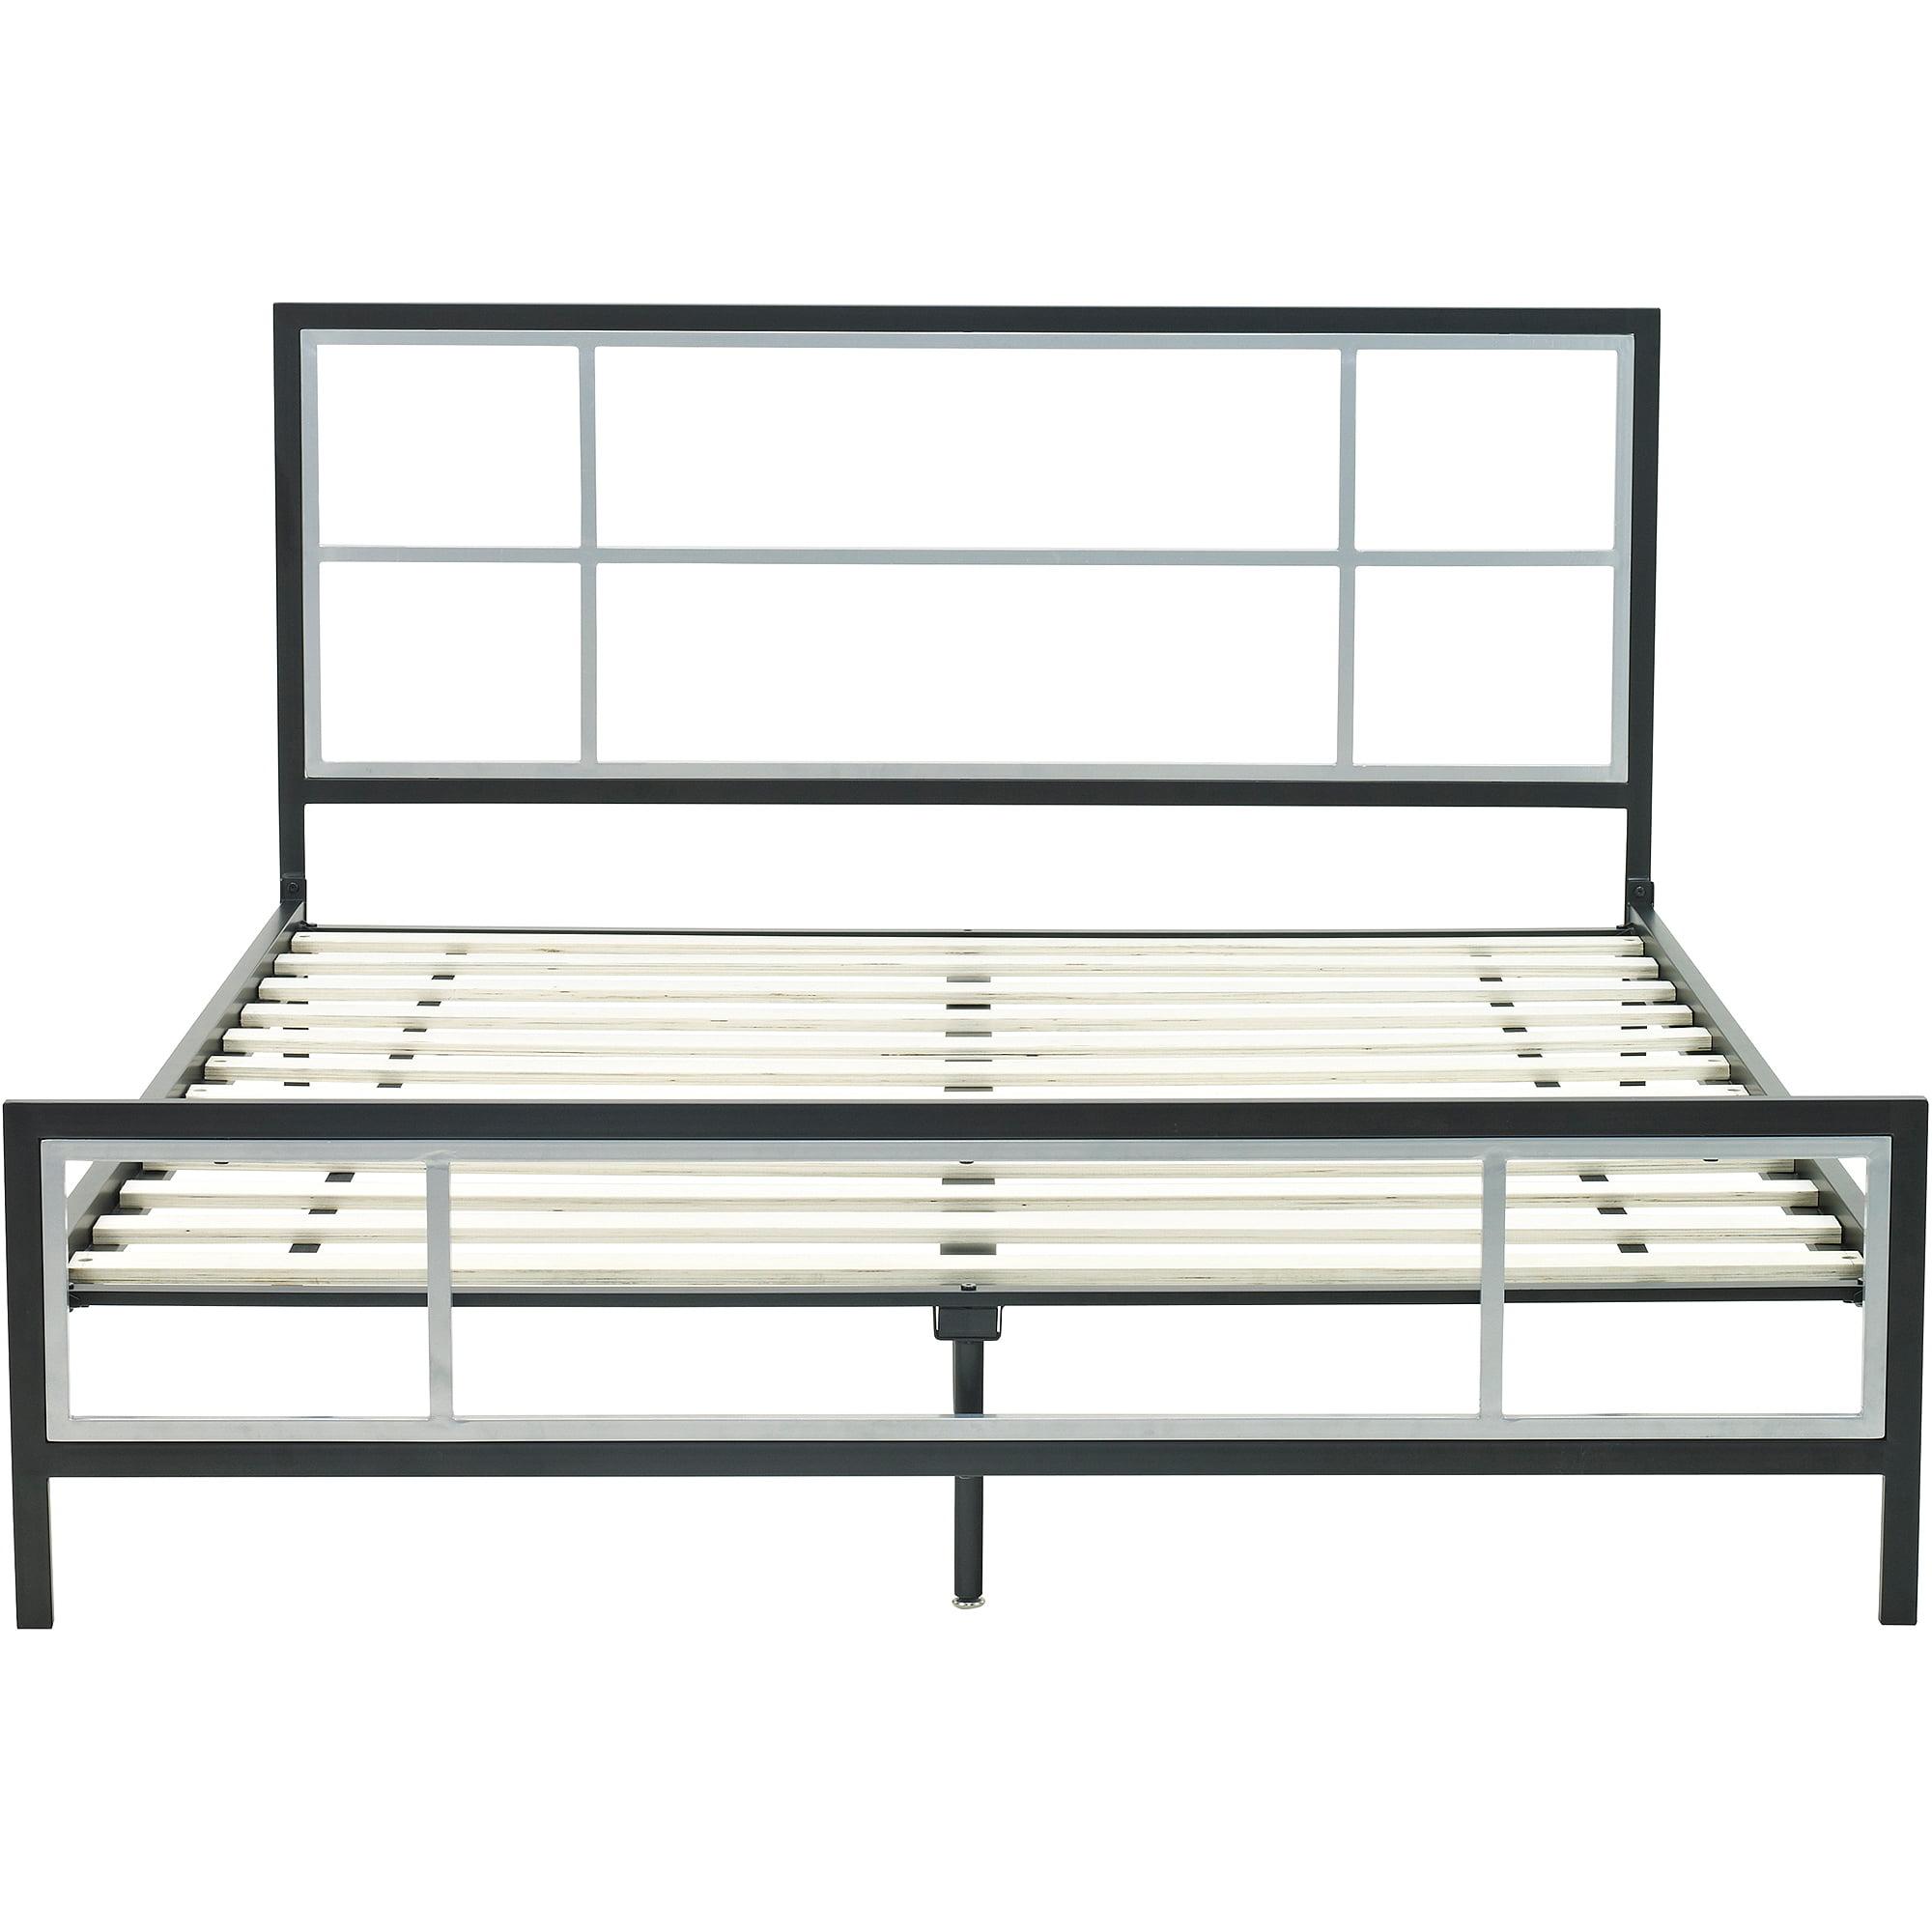 Metal platform bed frame - Premier Karina Metal Platform Bed Frame Twin Box 1 Of 2 Walmart Com